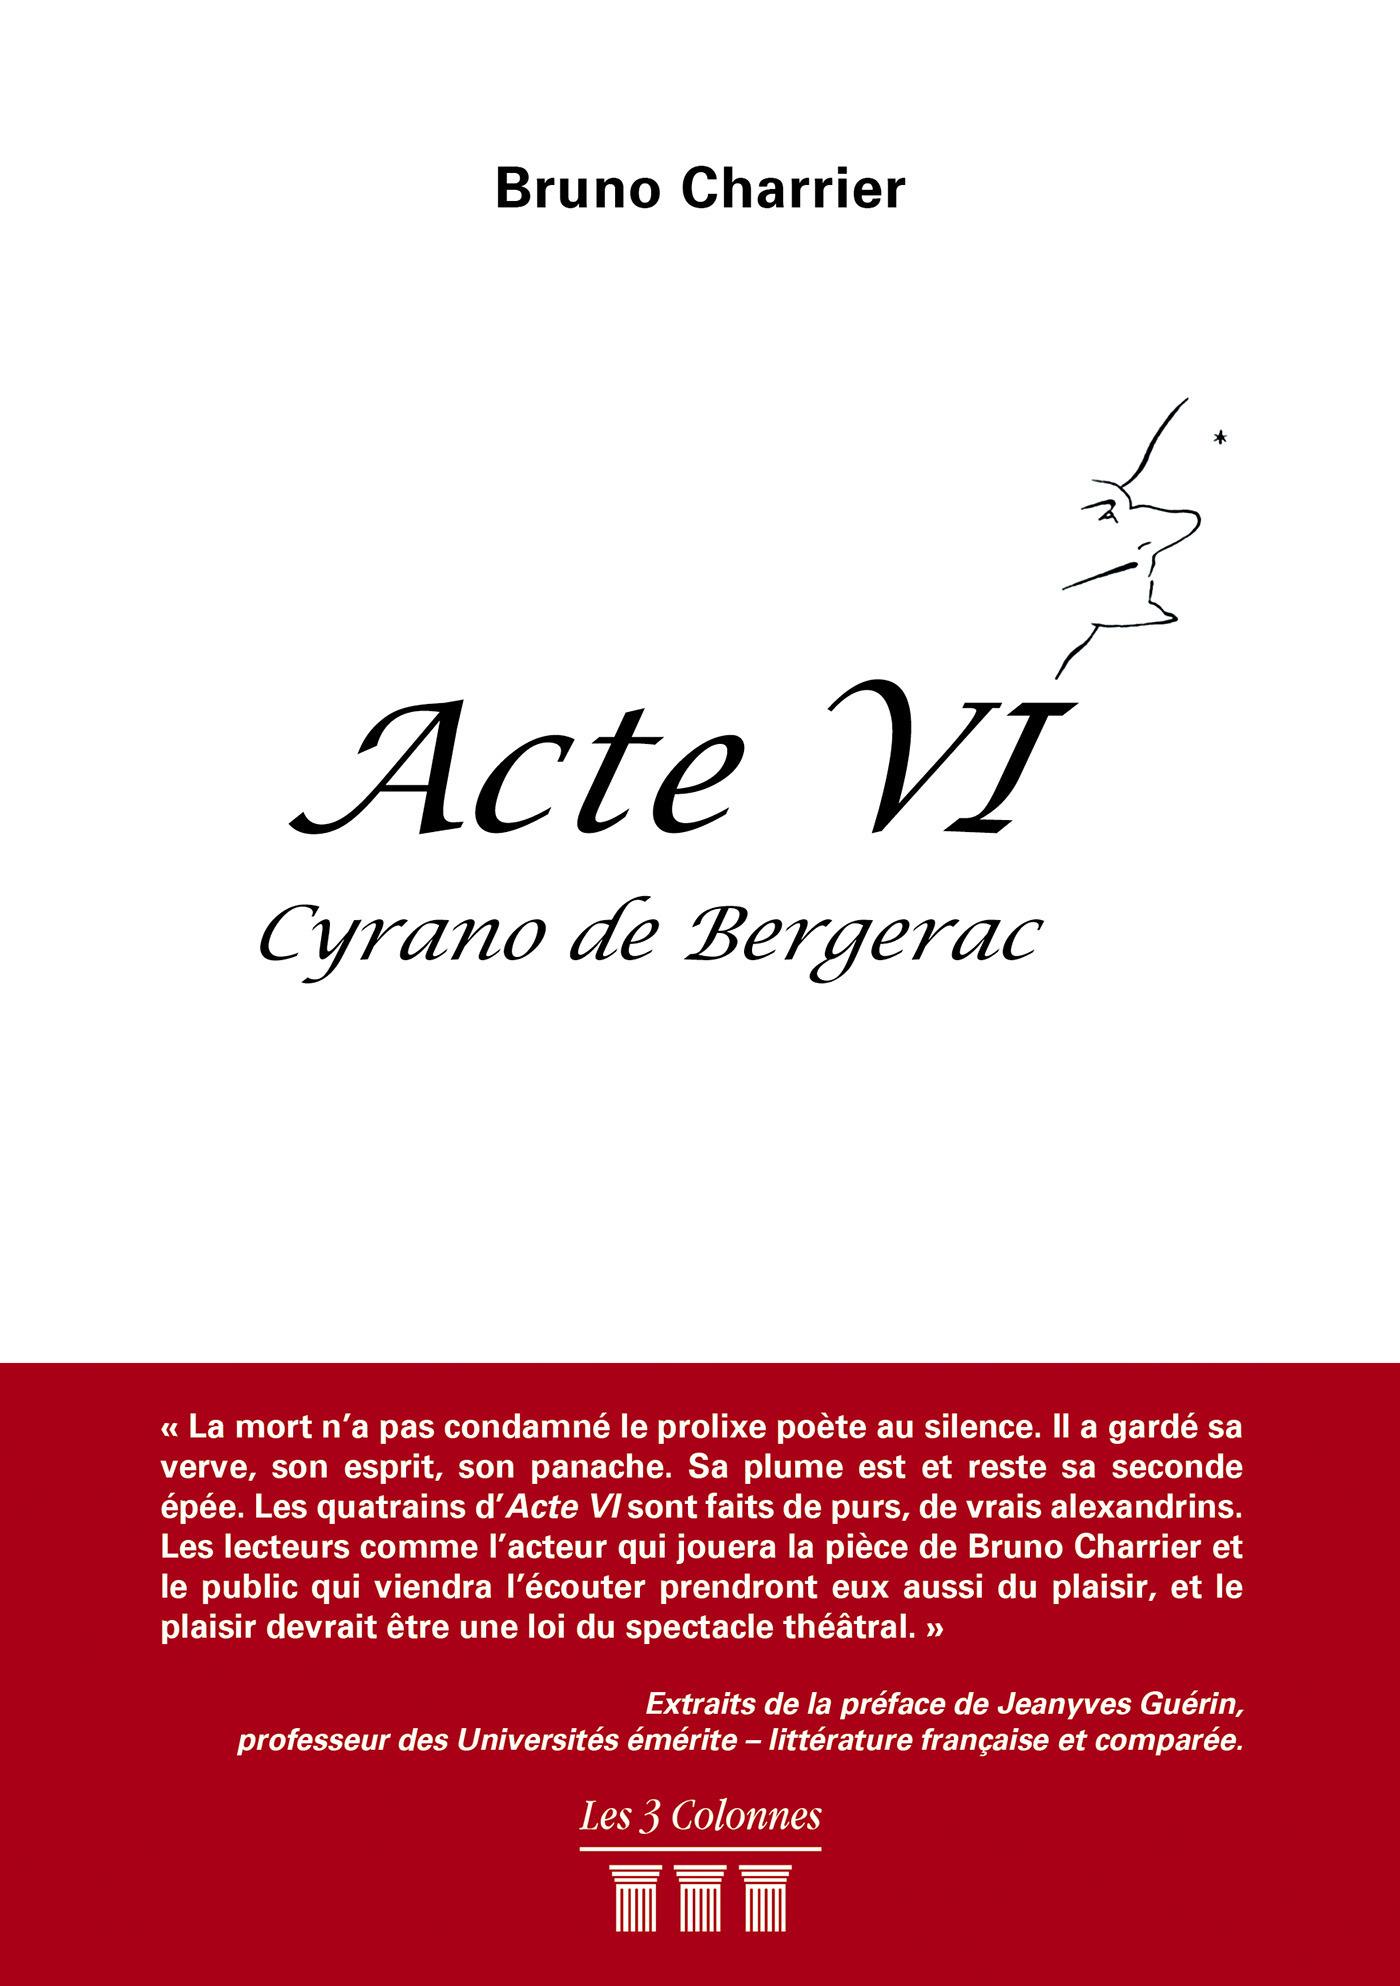 Acte VI ; Cyrano de Bergerac